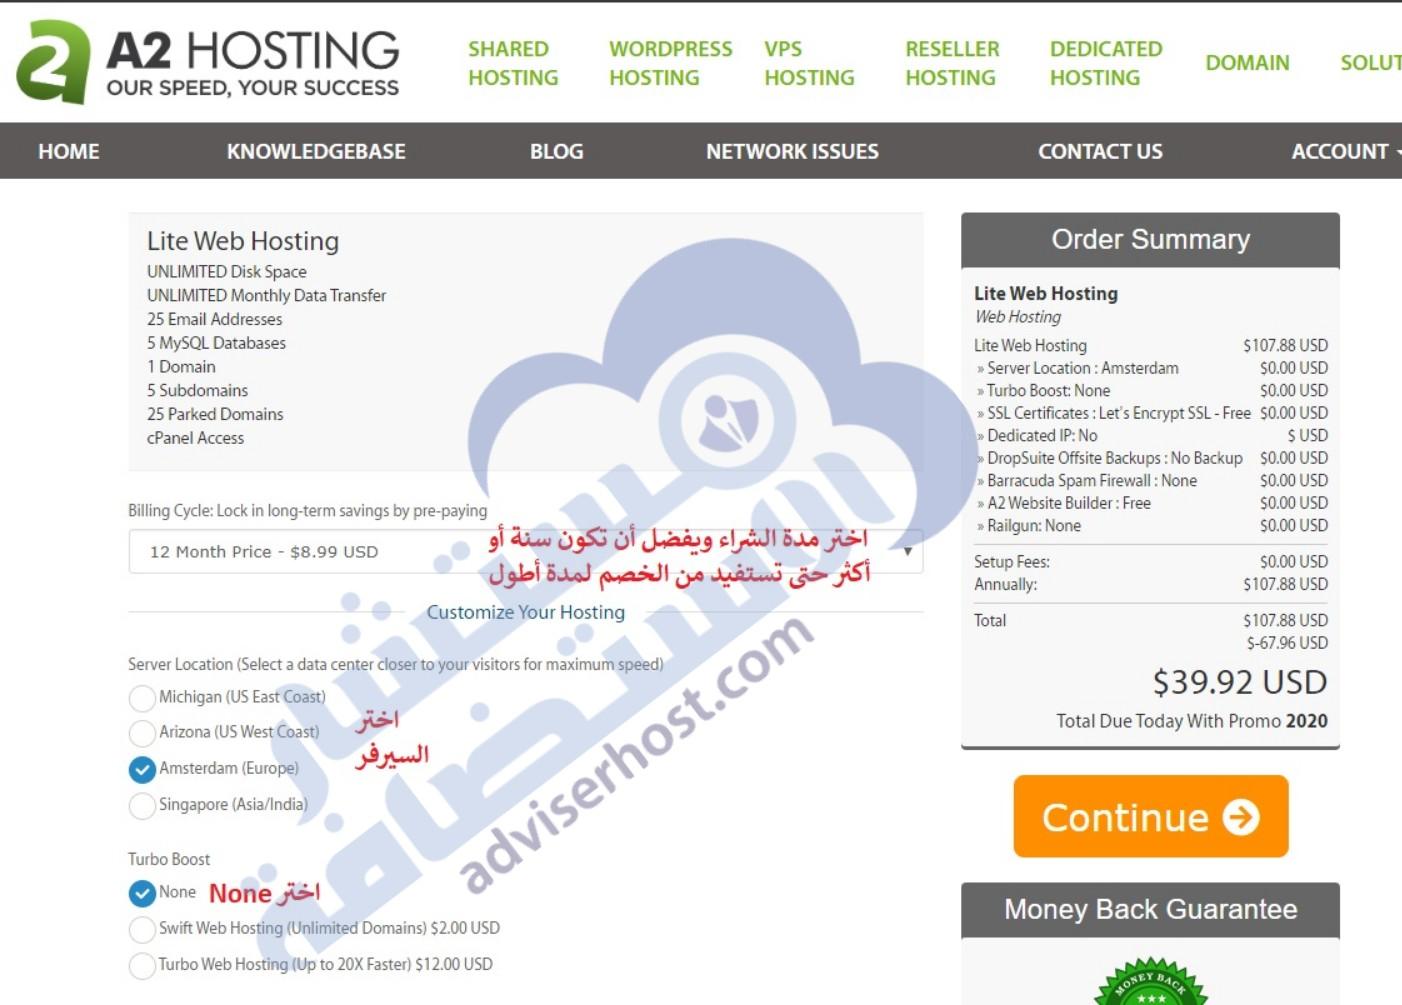 كيفية حجز وشراء استضافة من A2hosting خطوة 5-1